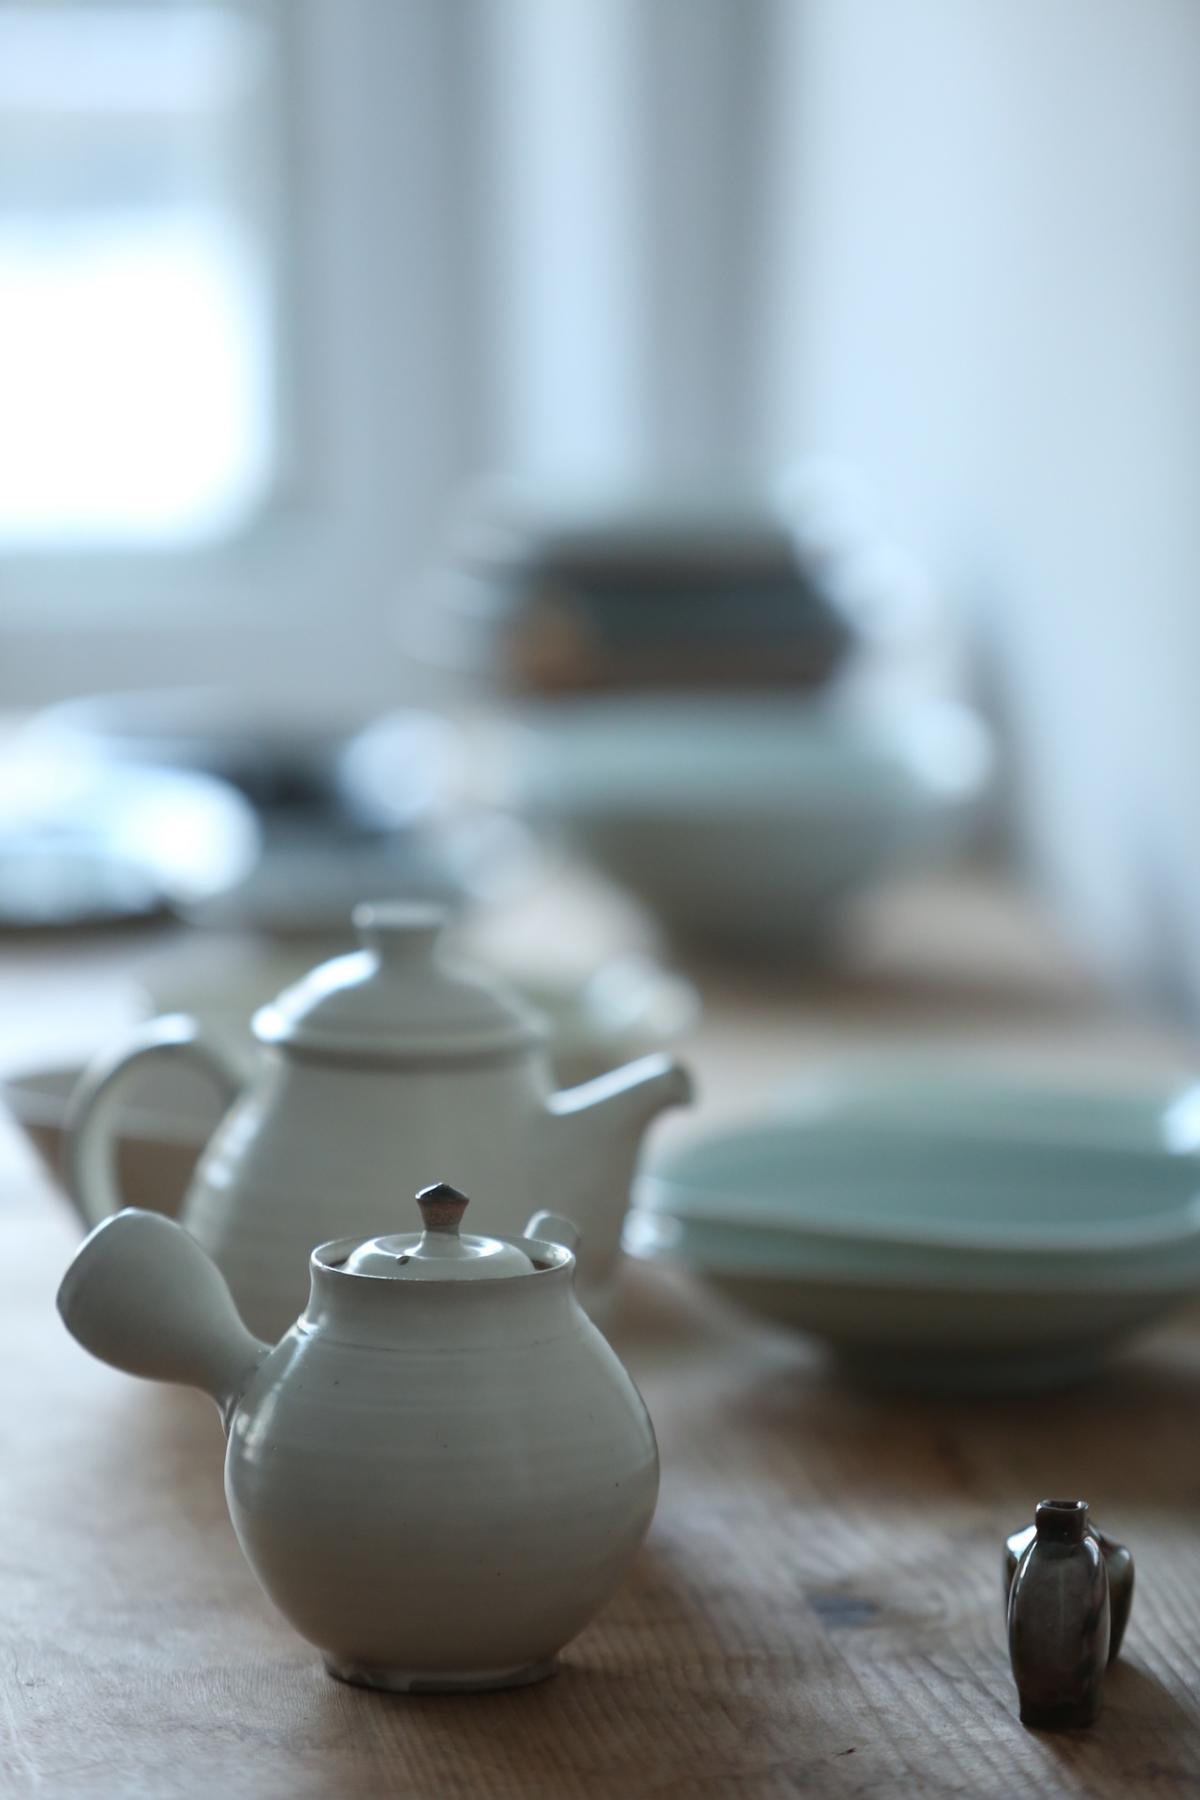 日野明子知道台灣人愛喝茶,這次特別帶來鈴木壽一的急須陶壺。